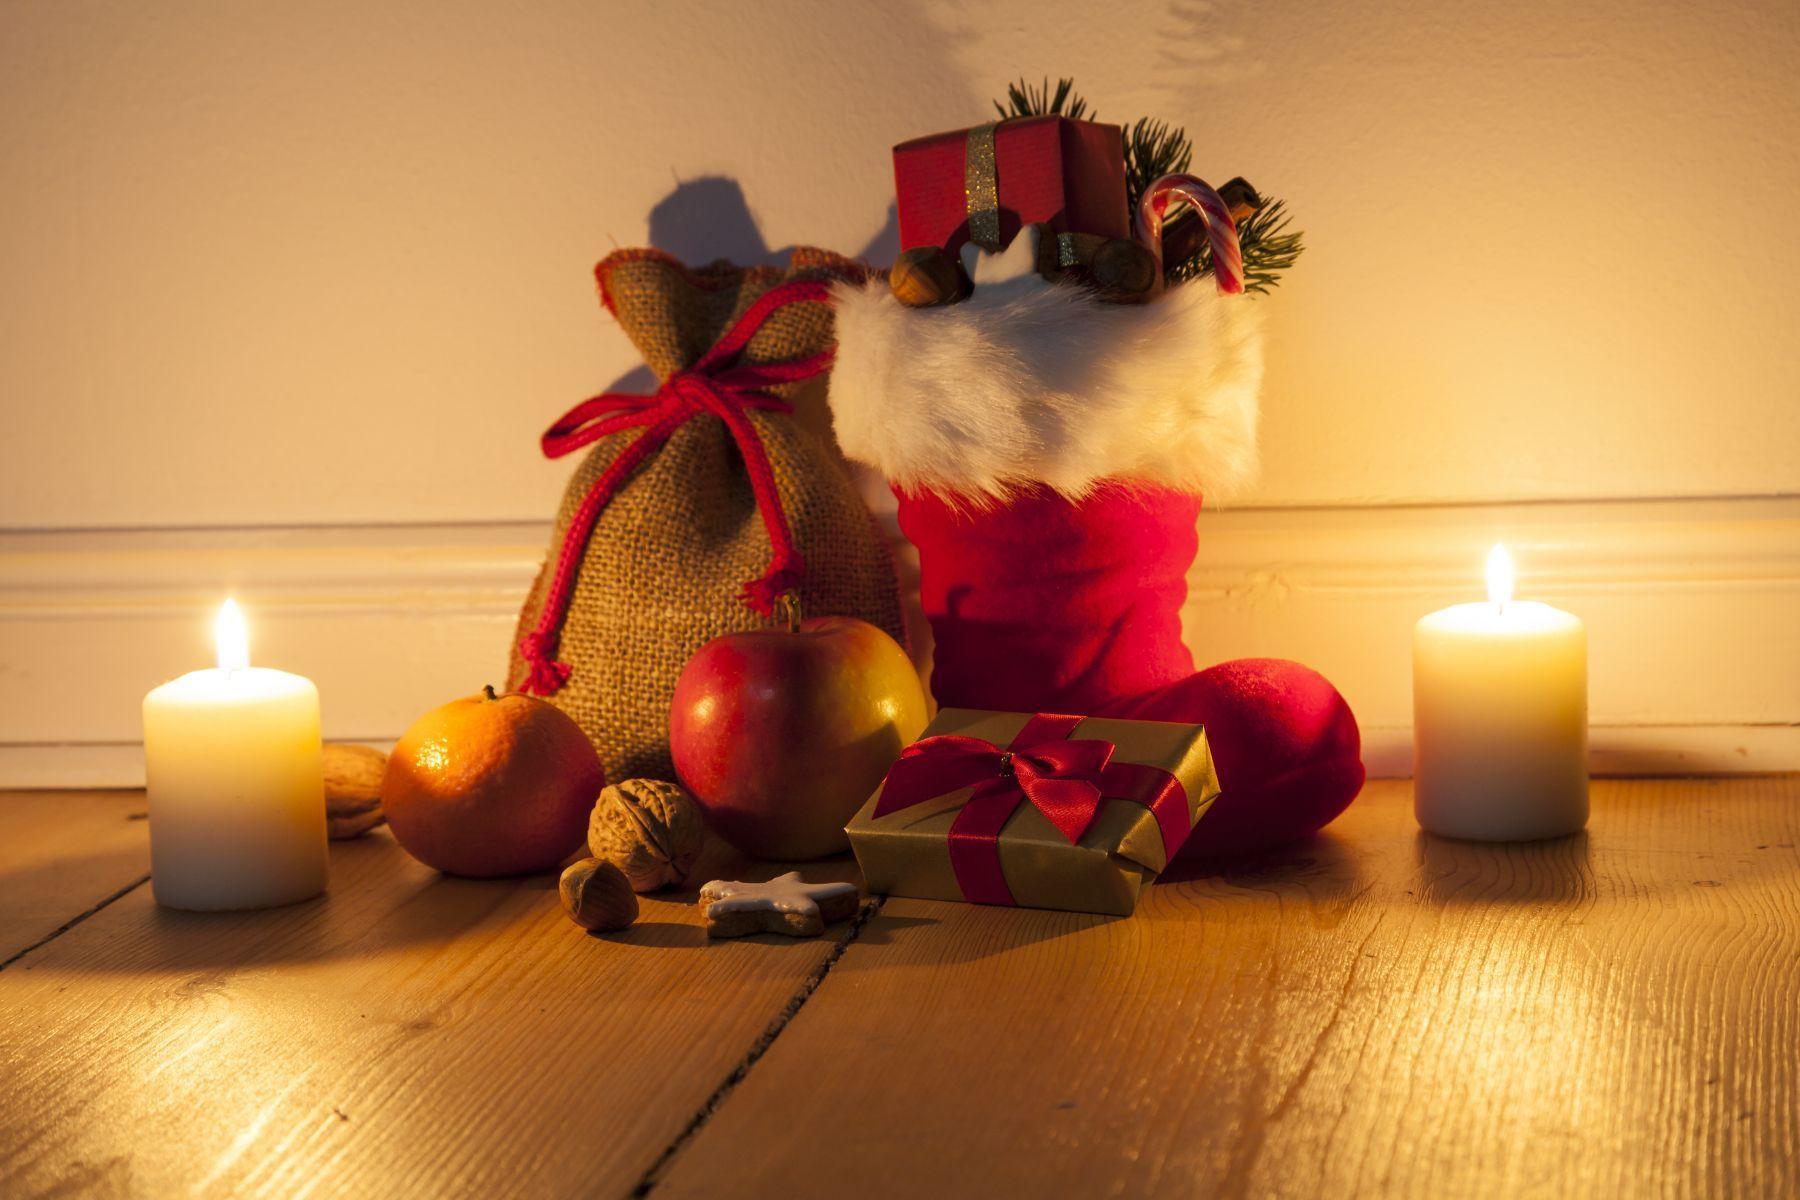 Roter Stiefel mit Geschenken und Äpfeln bei Kerzenlicht